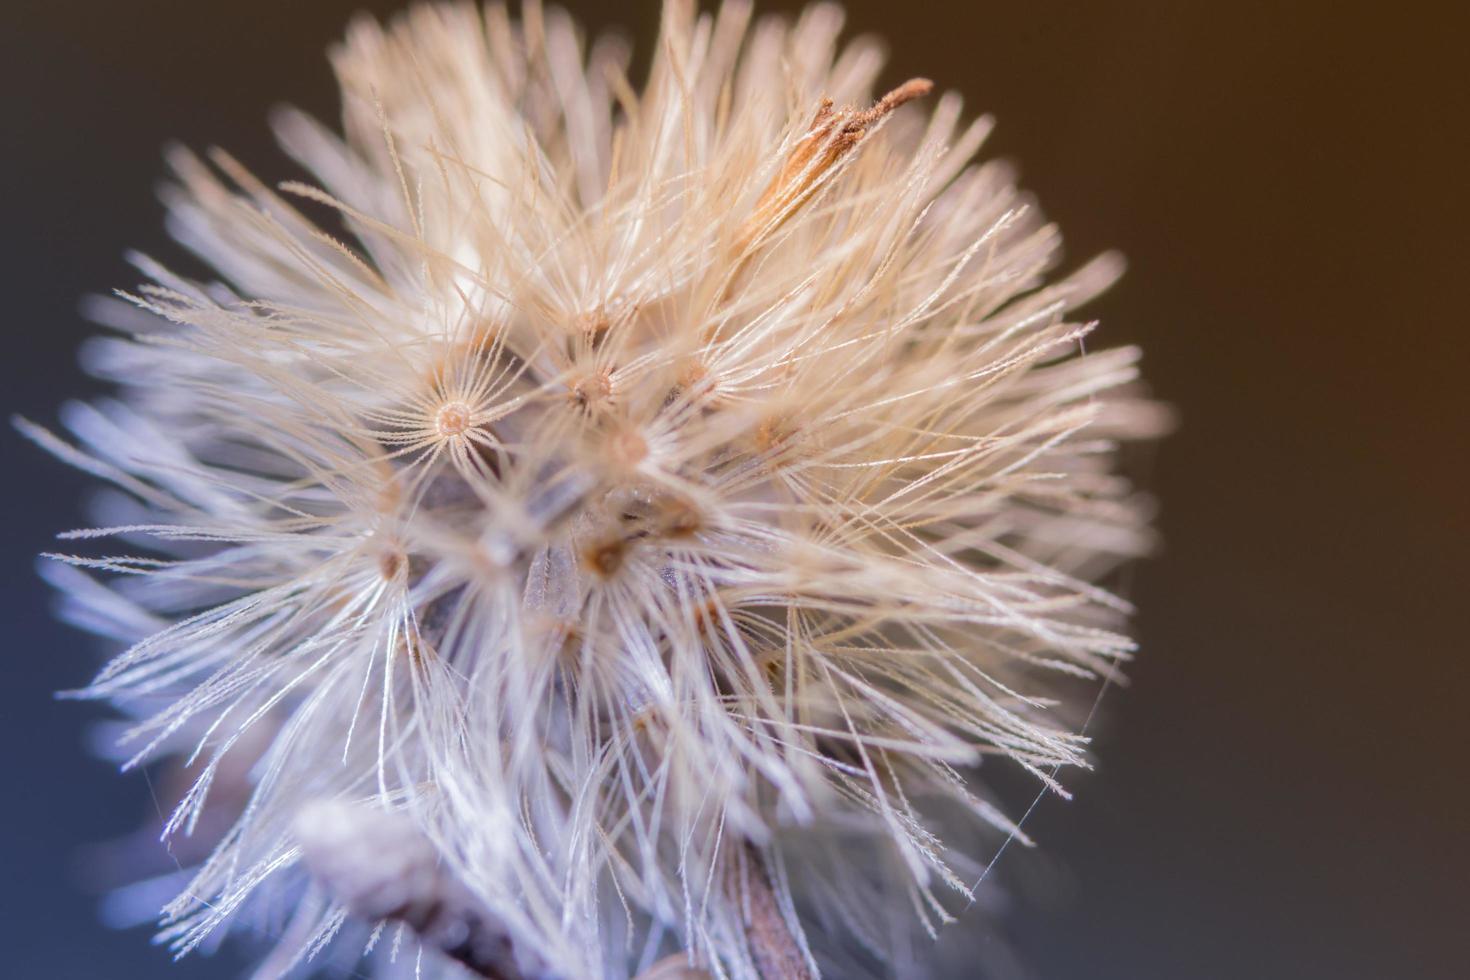 fleurs sauvages sur fond marron photo